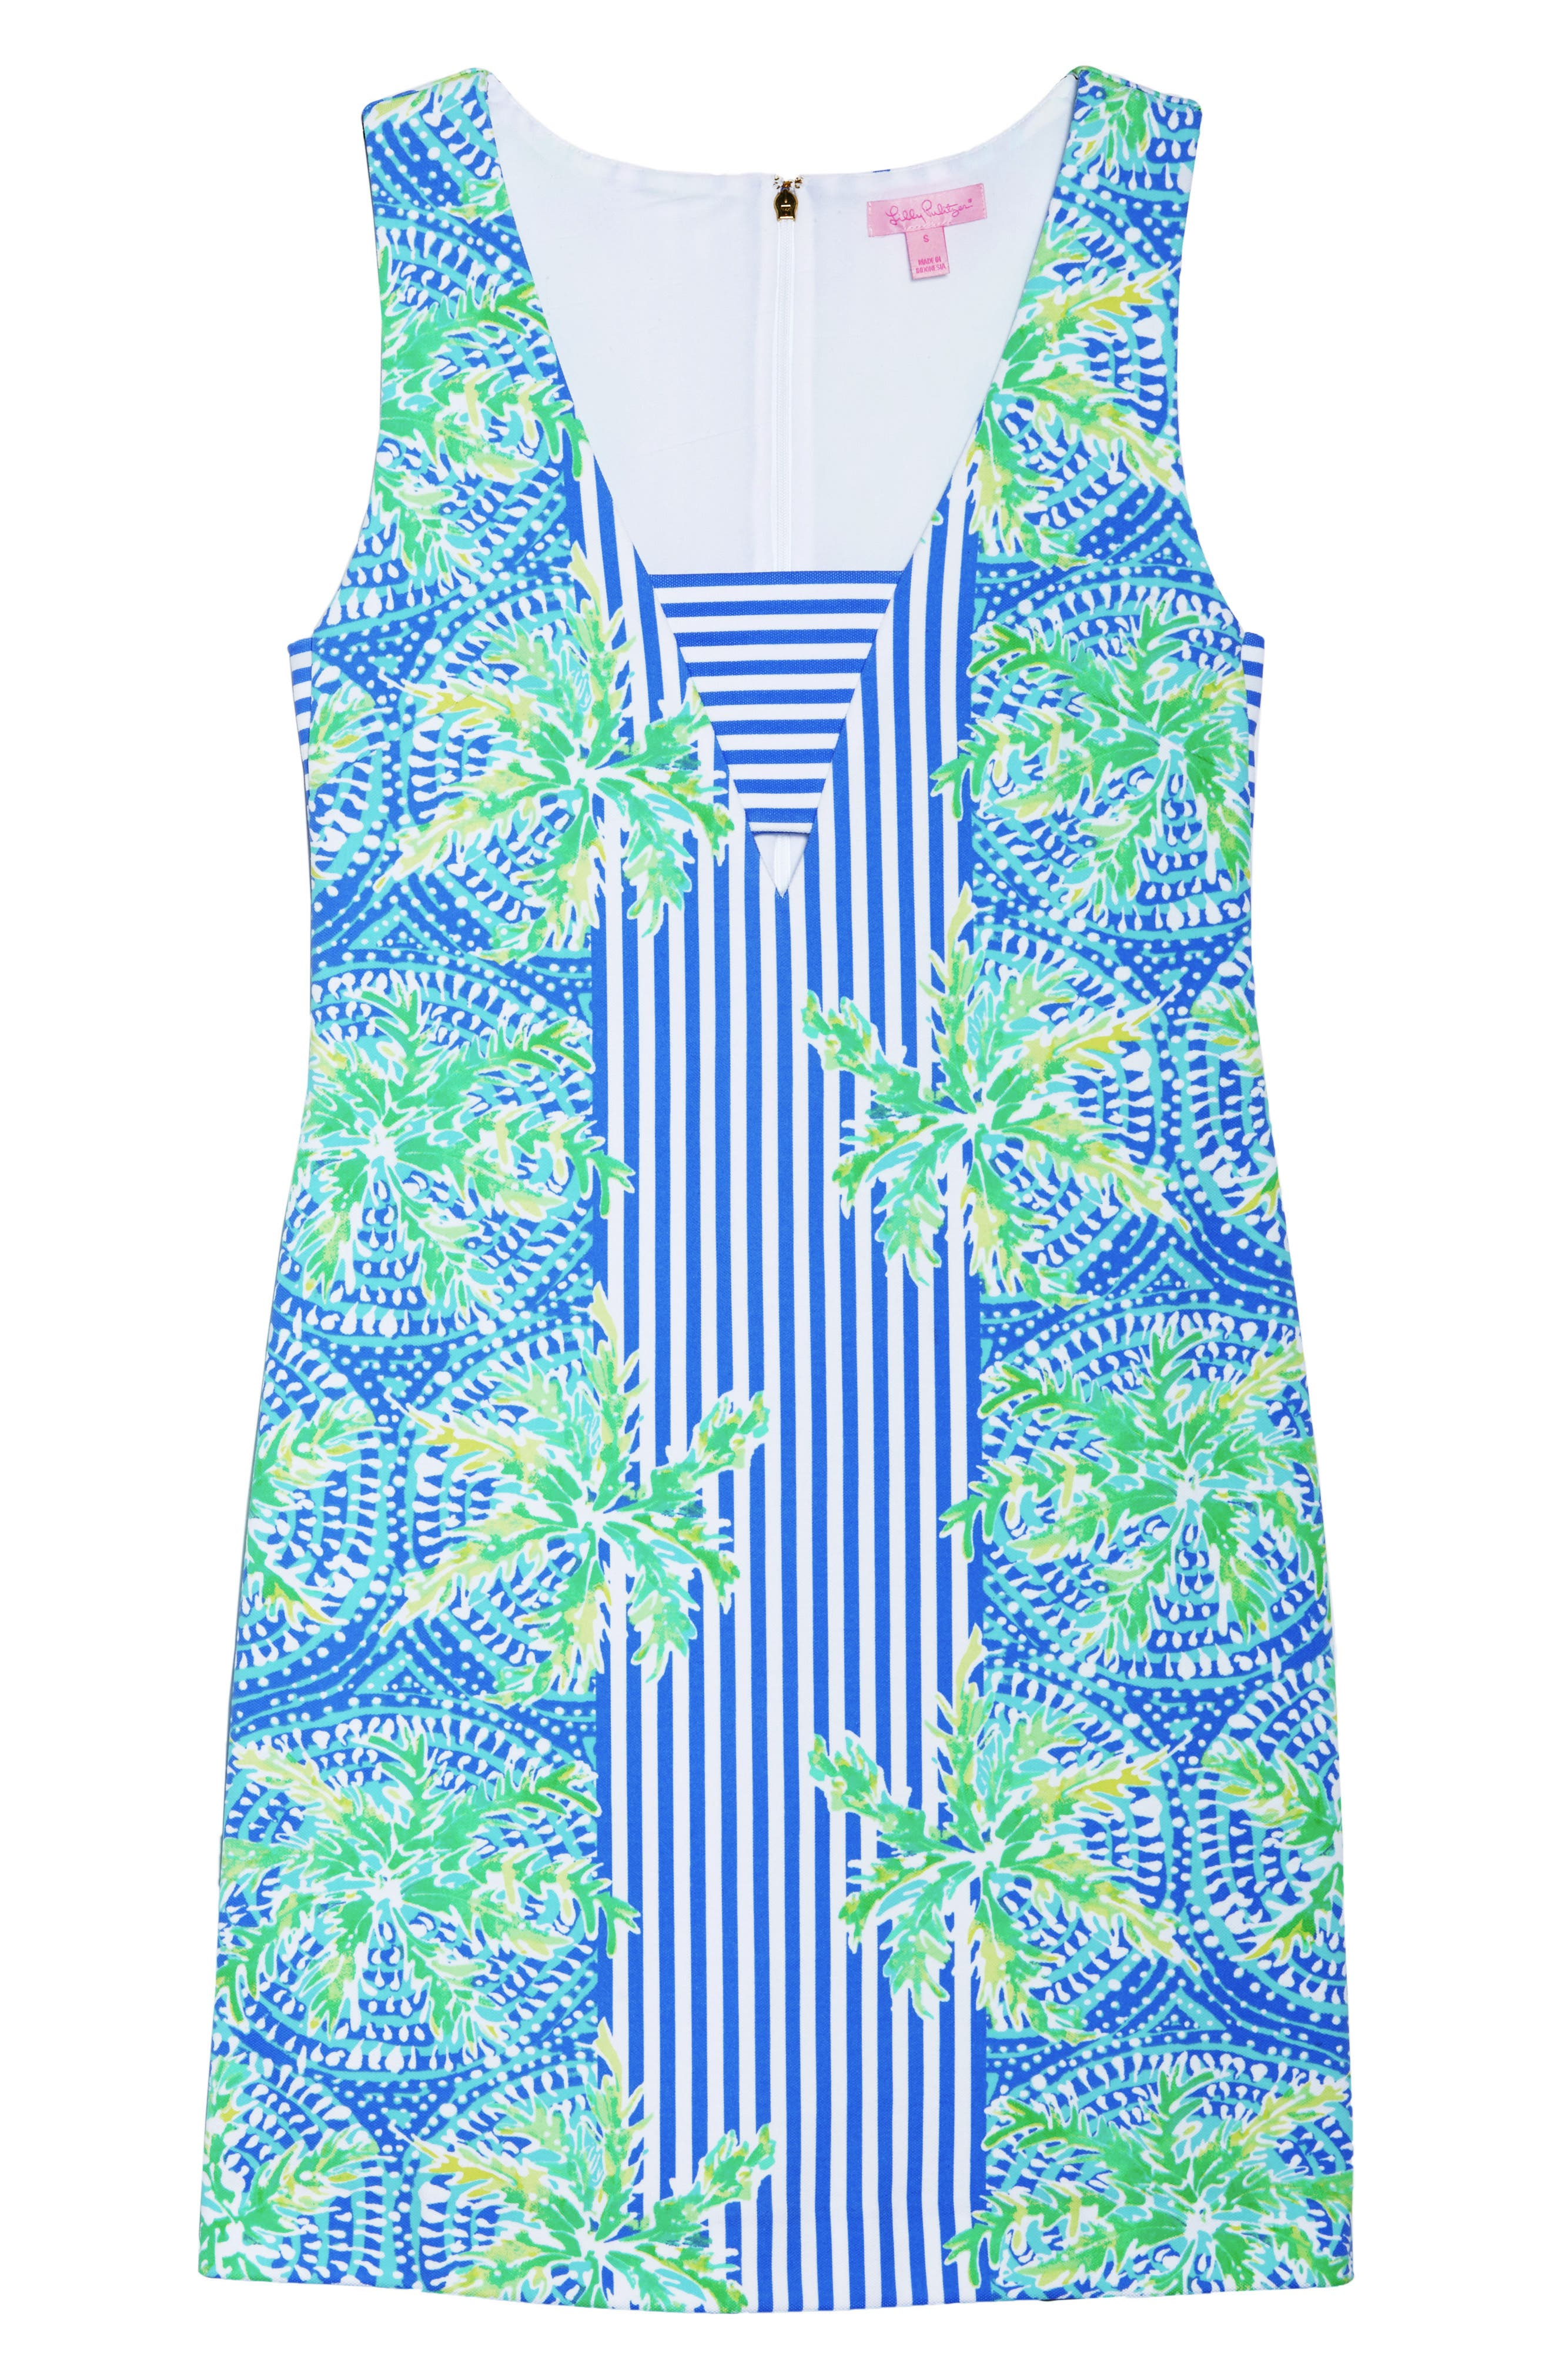 Chiara Stripe & Floral Print Dress,                             Alternate thumbnail 7, color,                             420